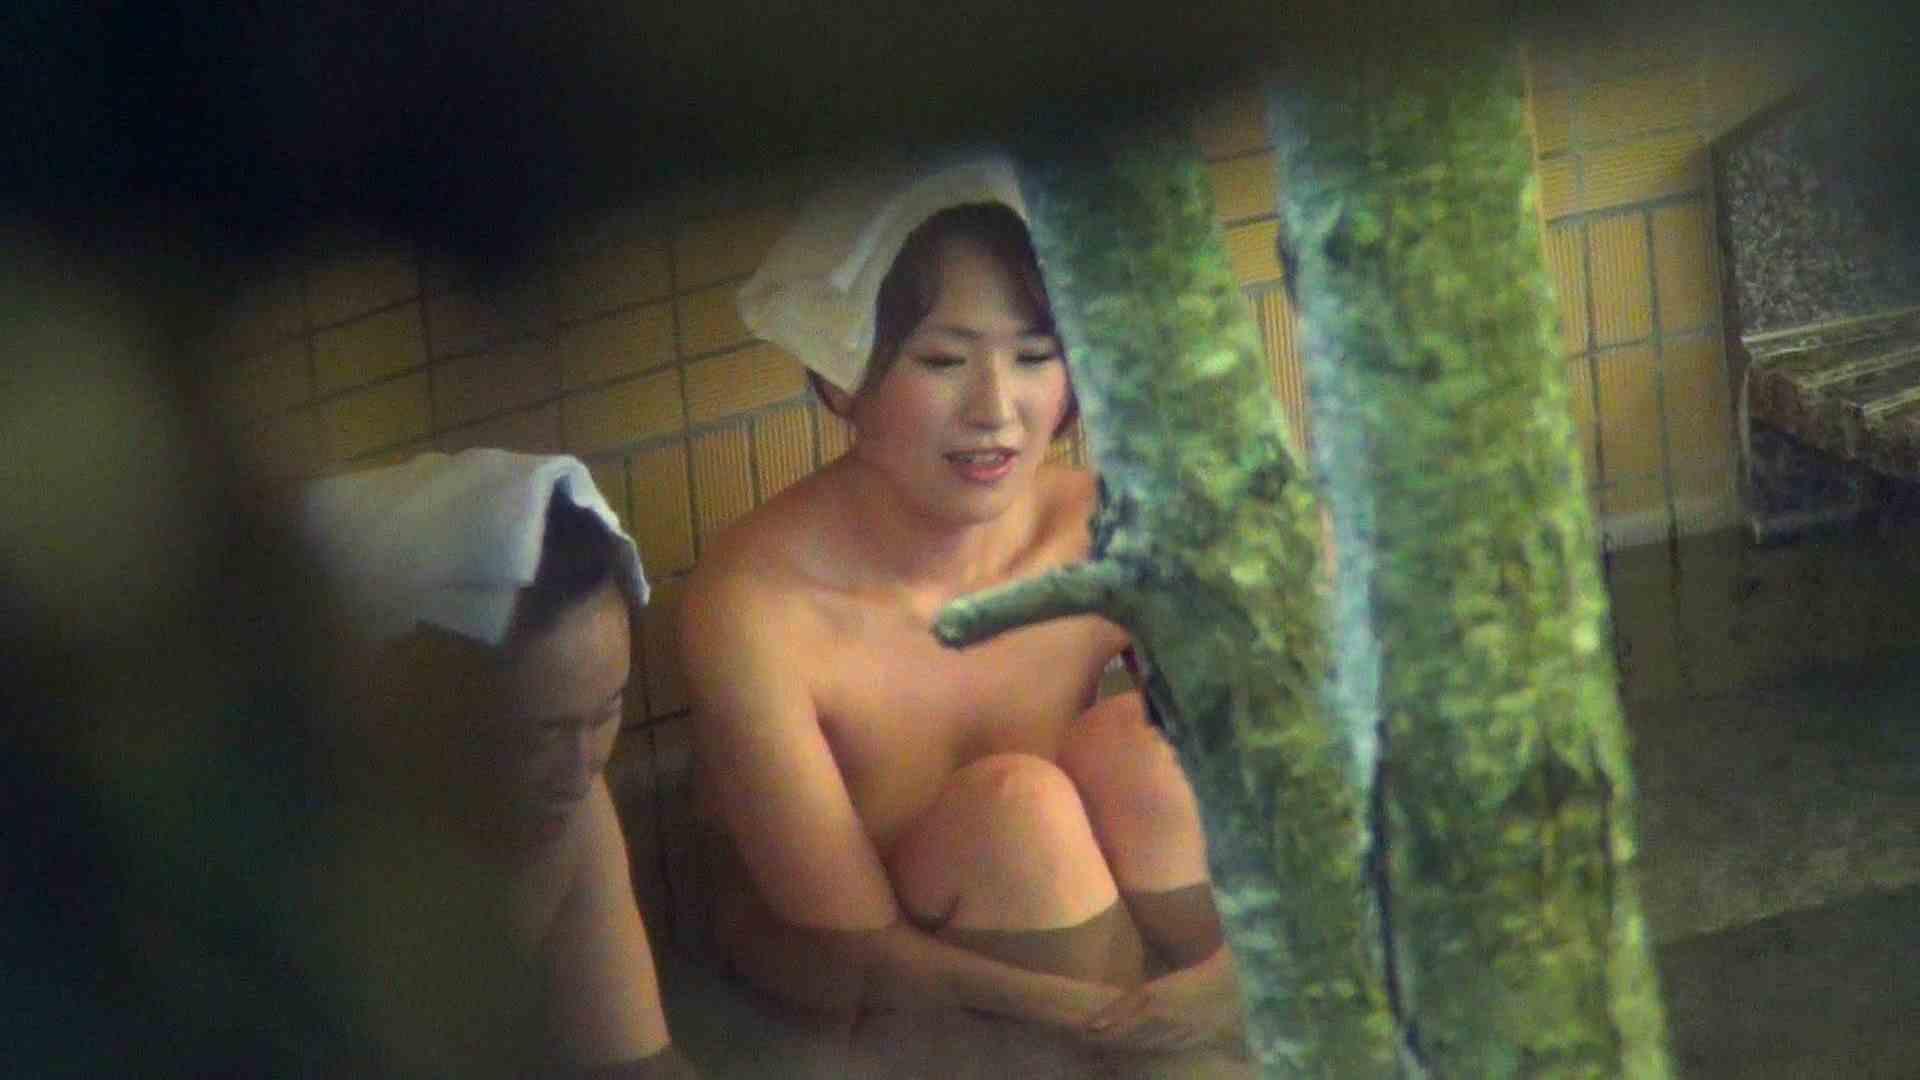 Aquaな露天風呂Vol.272 盗撮シリーズ  106PIX 12